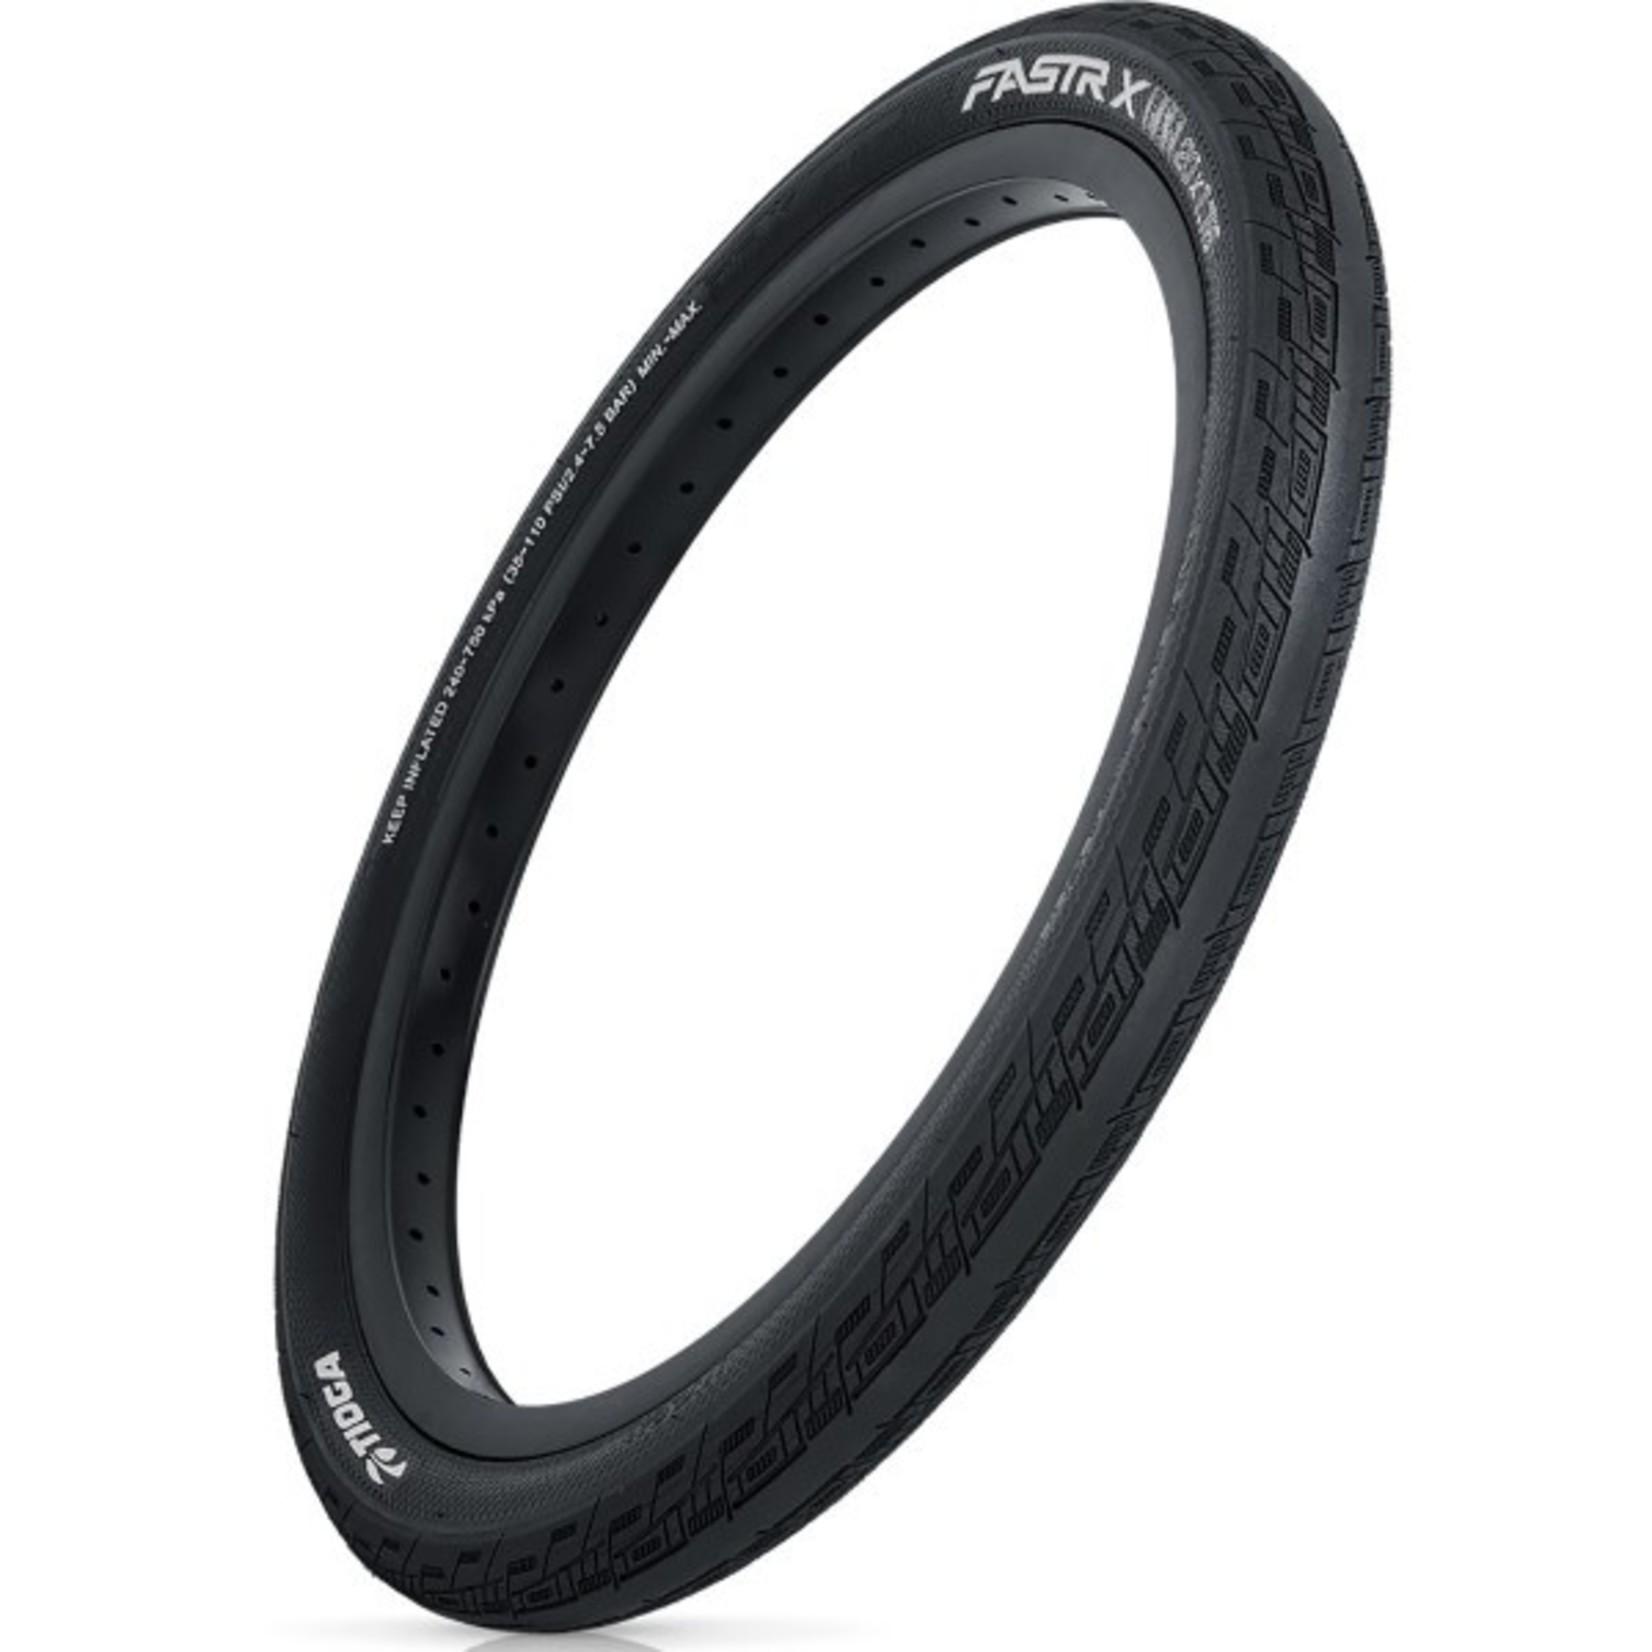 Tioga Tioga FASTR-X Black Label Tire Foldable